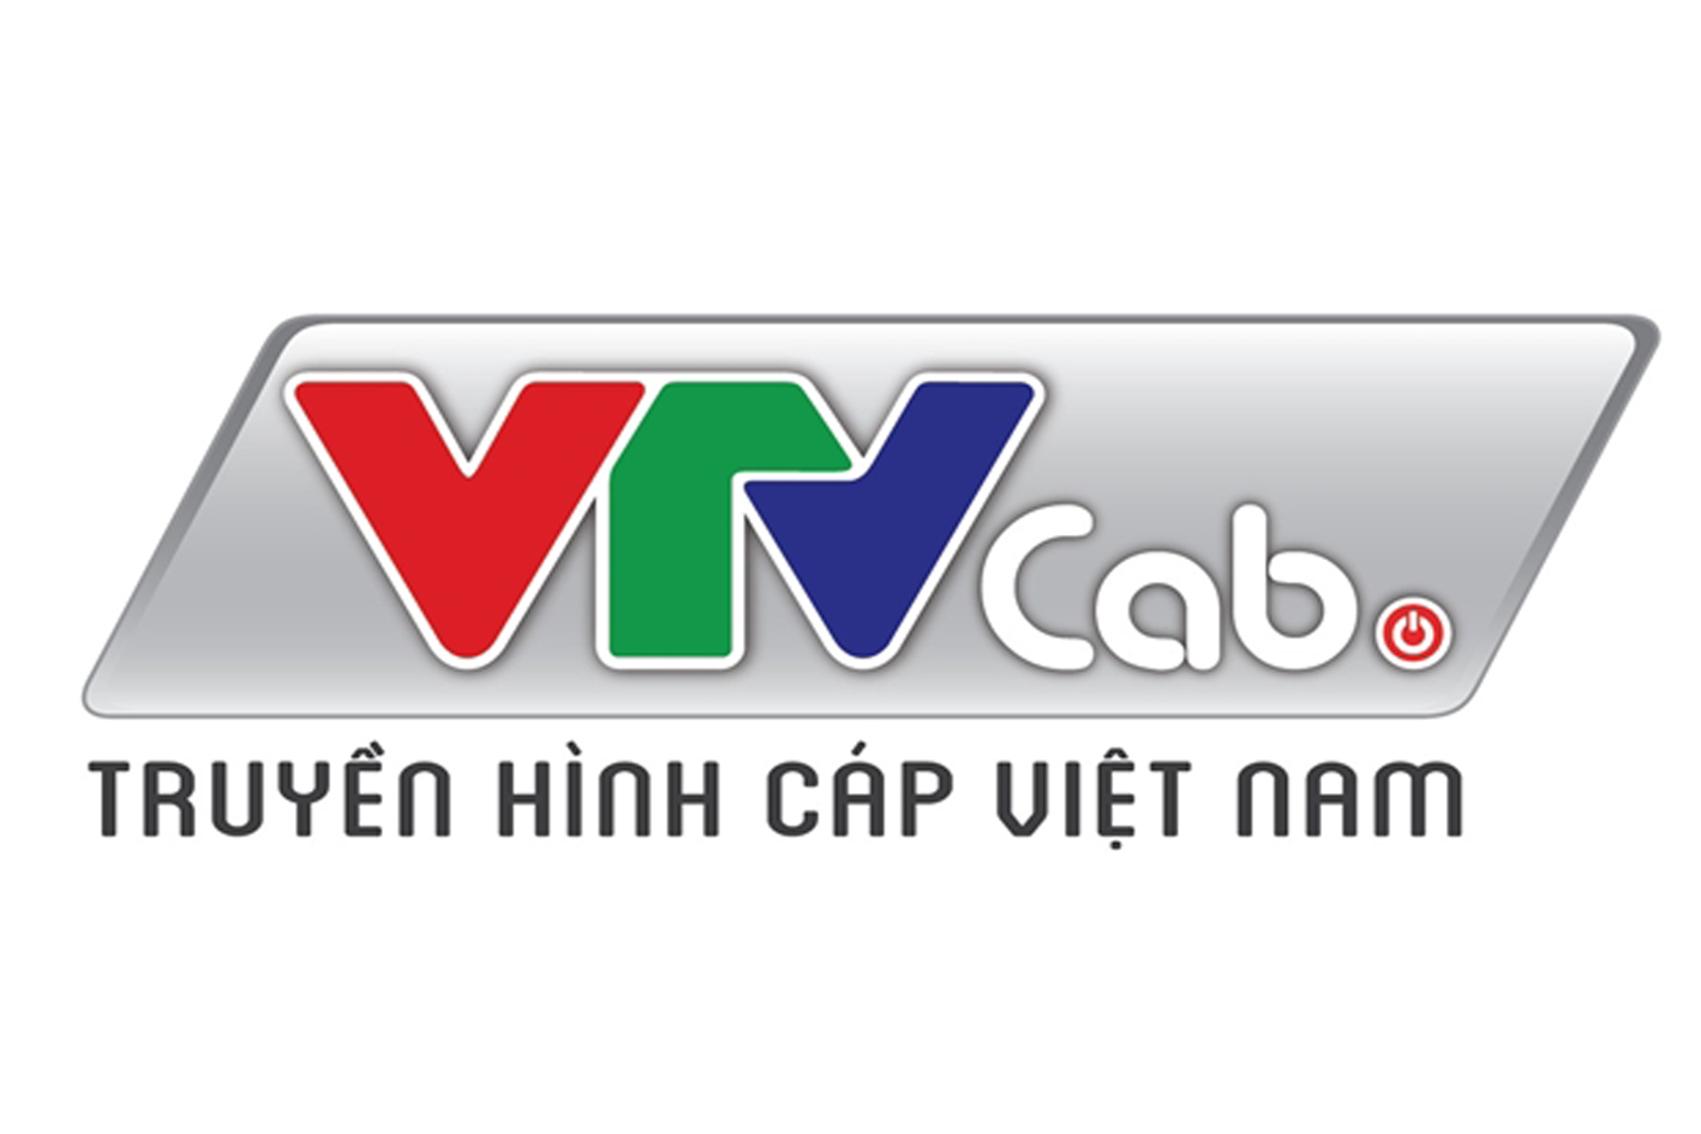 Cung cấp tủ điện cho TT Dữ Liệu VTVCab